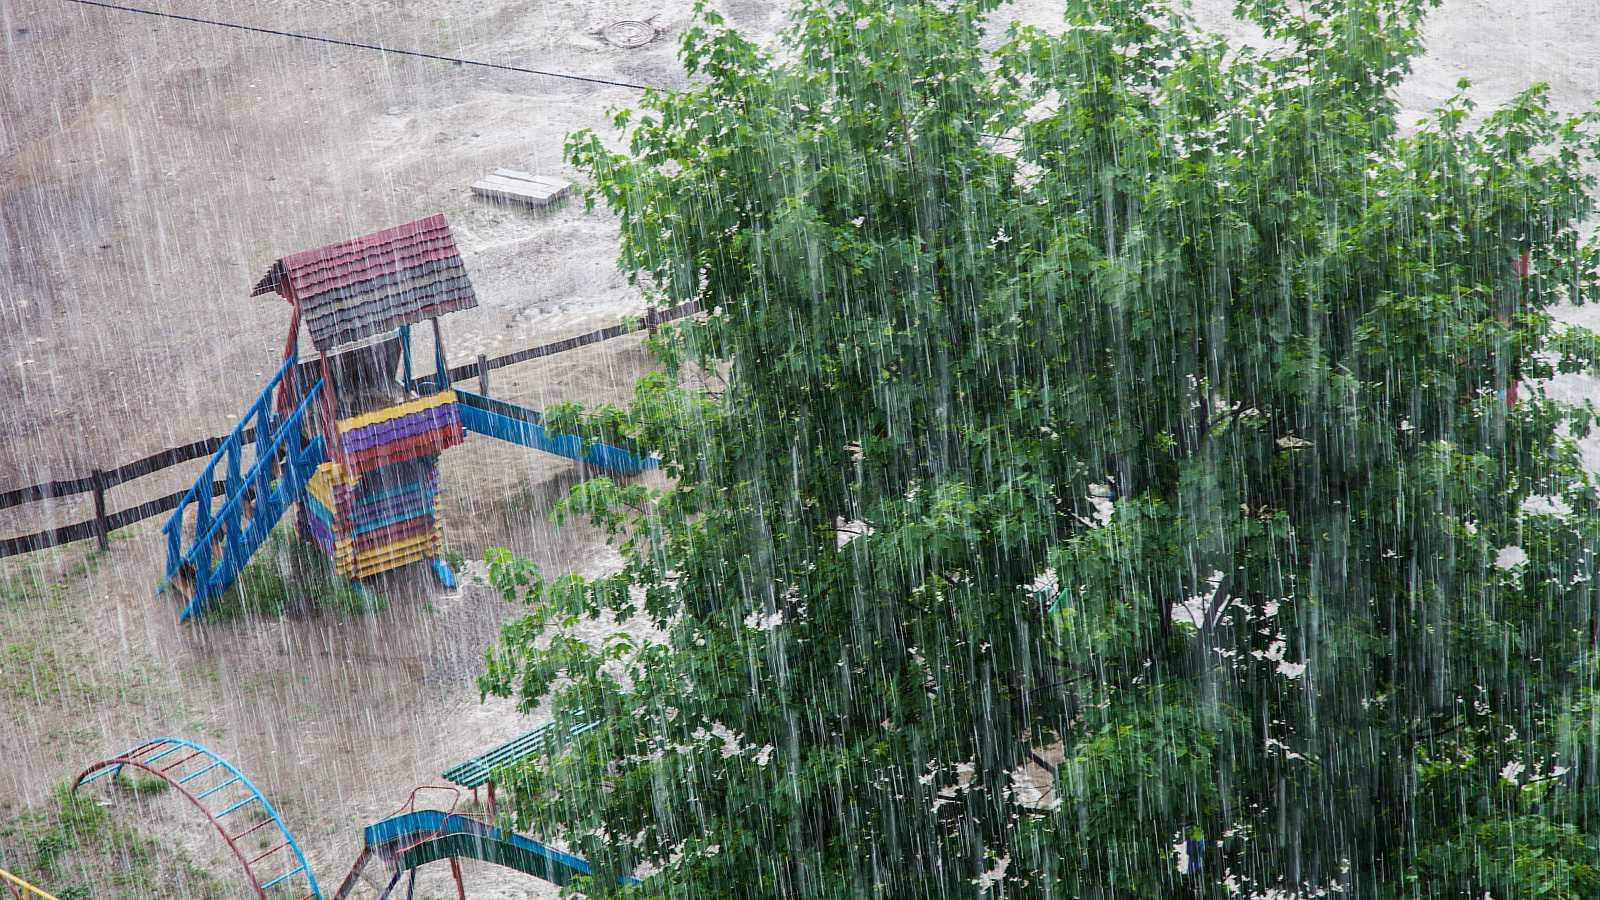 Arranca la semana con lluvia fuerte en norte y bajan temperaturas en Península y Baleares